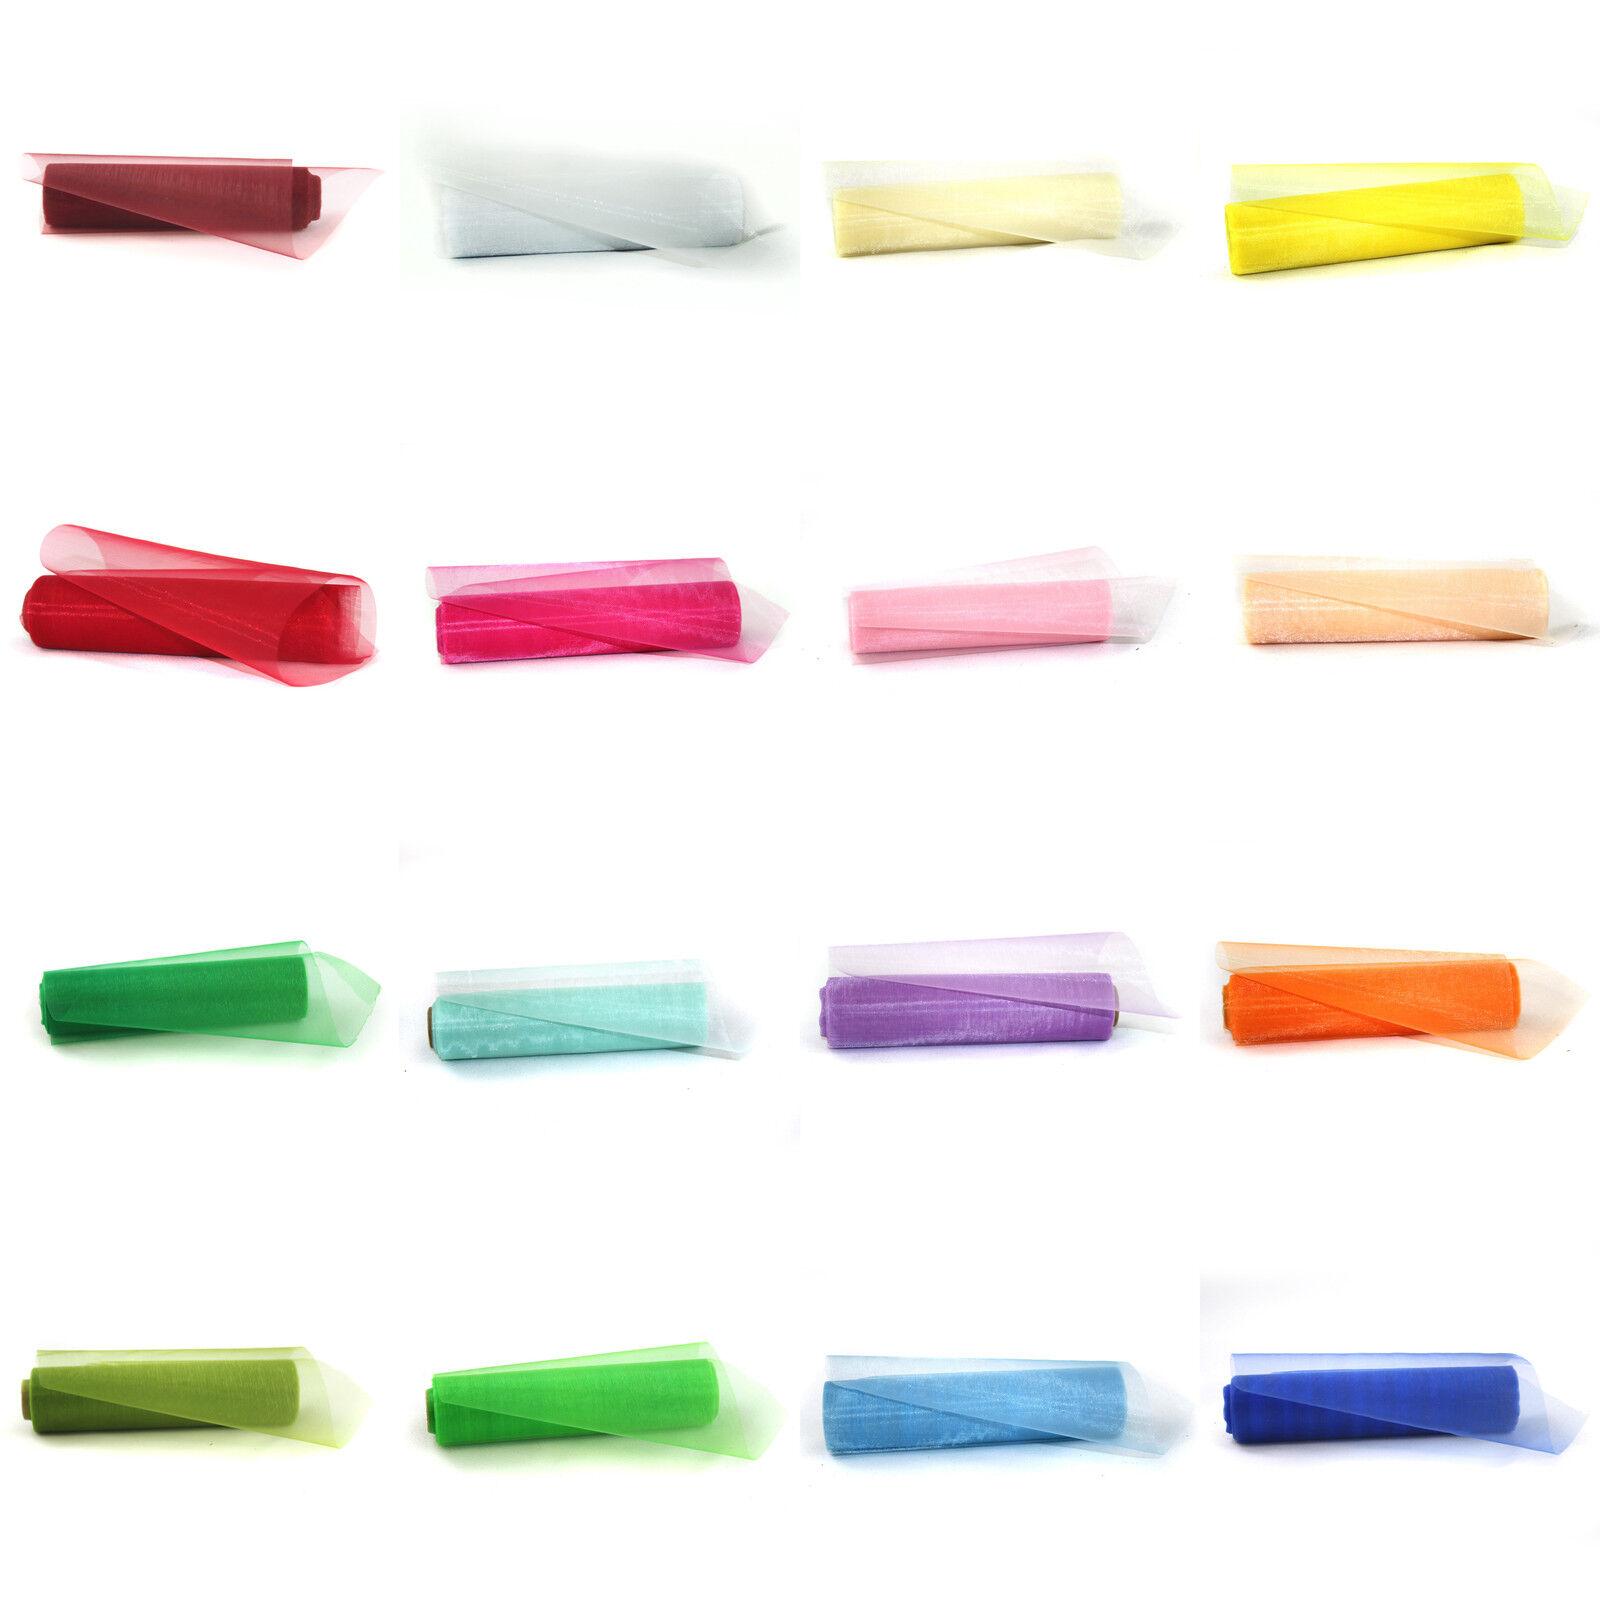 Organza rolle deko stoff tischl ufer schleife tischband tischdeko 12cm x 9 meter ebay - Organza dekostoff rollen ...